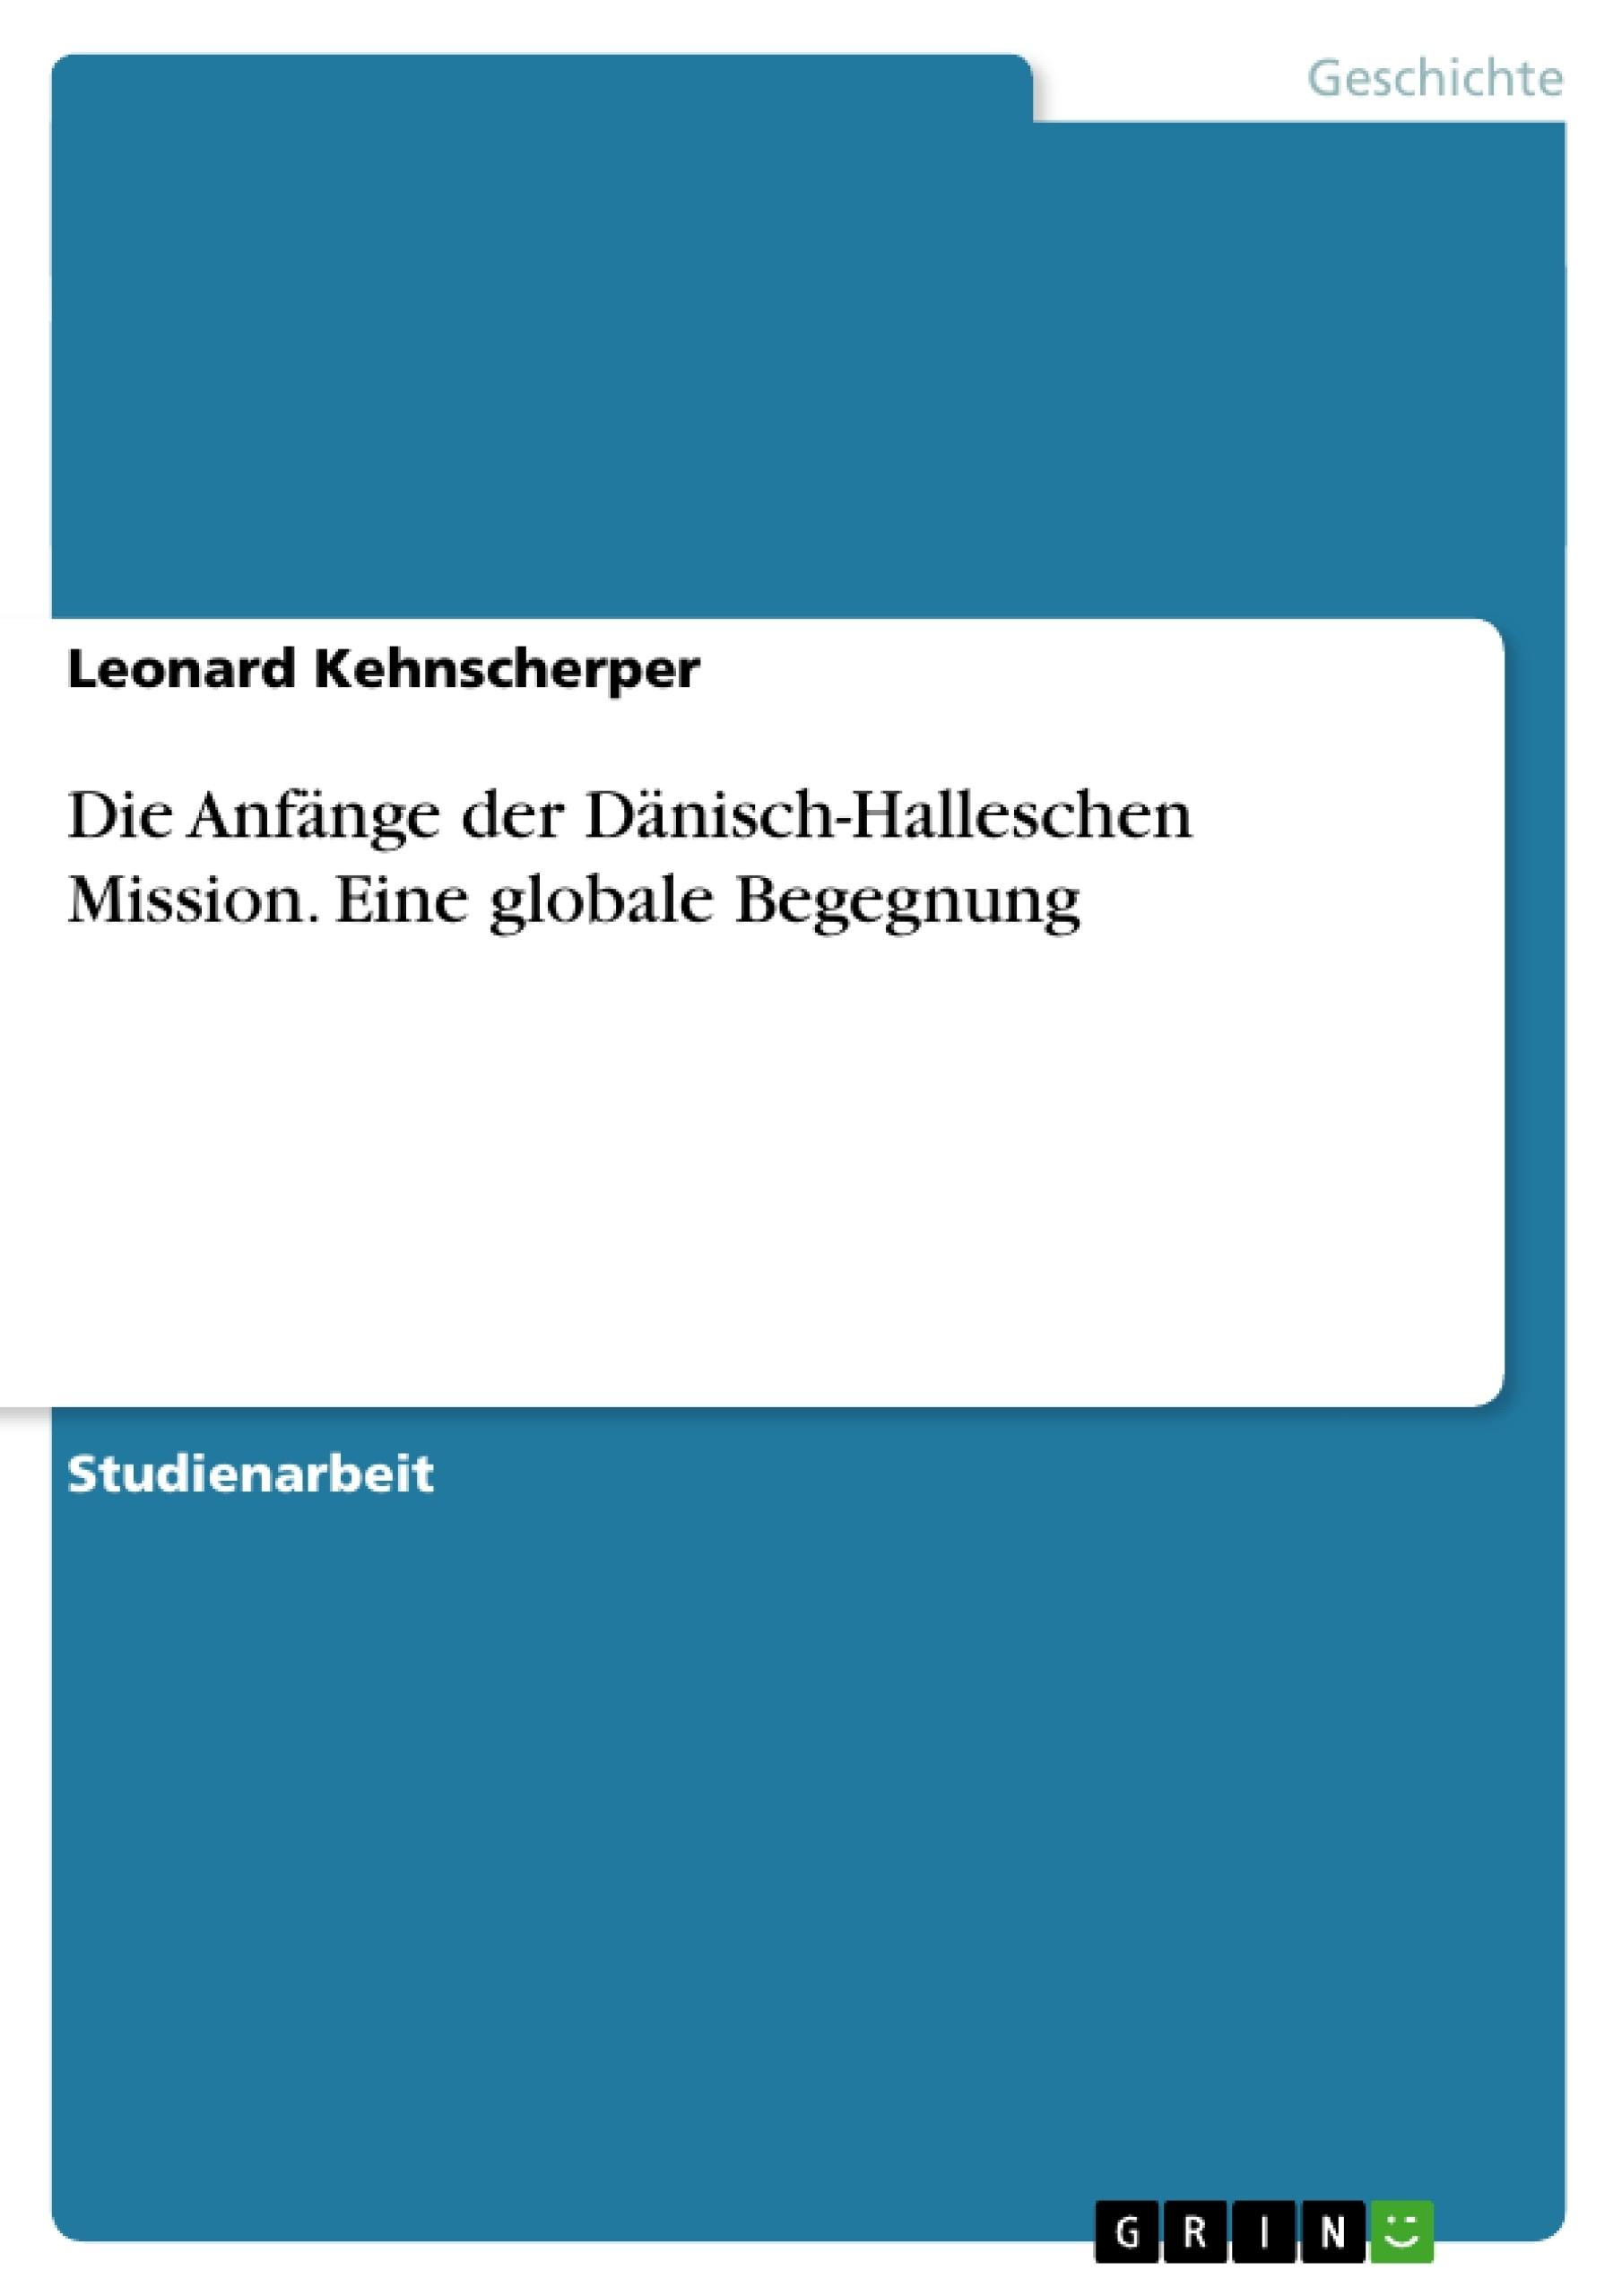 Titel: Die Anfänge der Dänisch-Halleschen Mission. Eine globale Begegnung